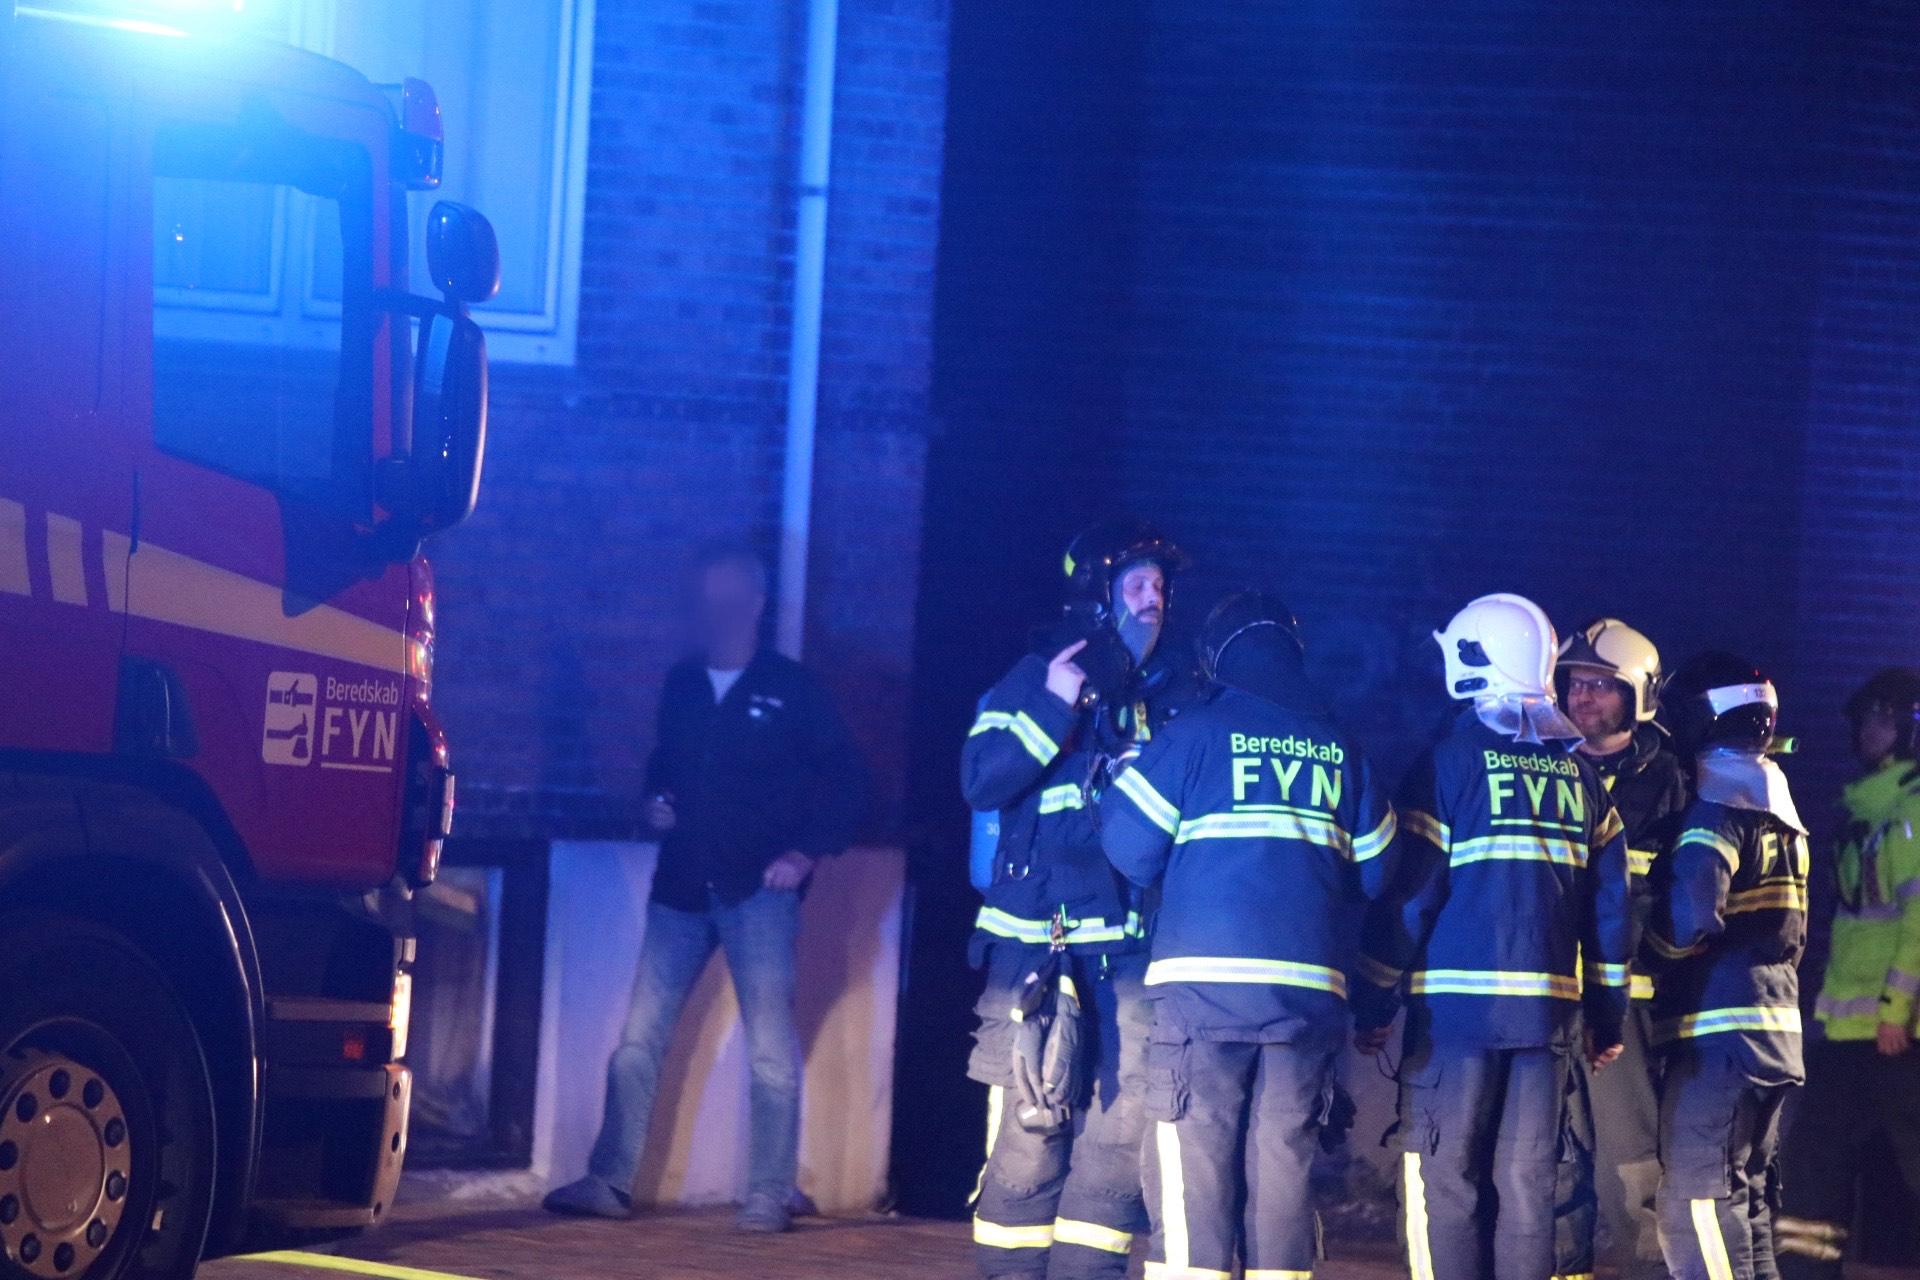 Lejlighedsbrand i Odense